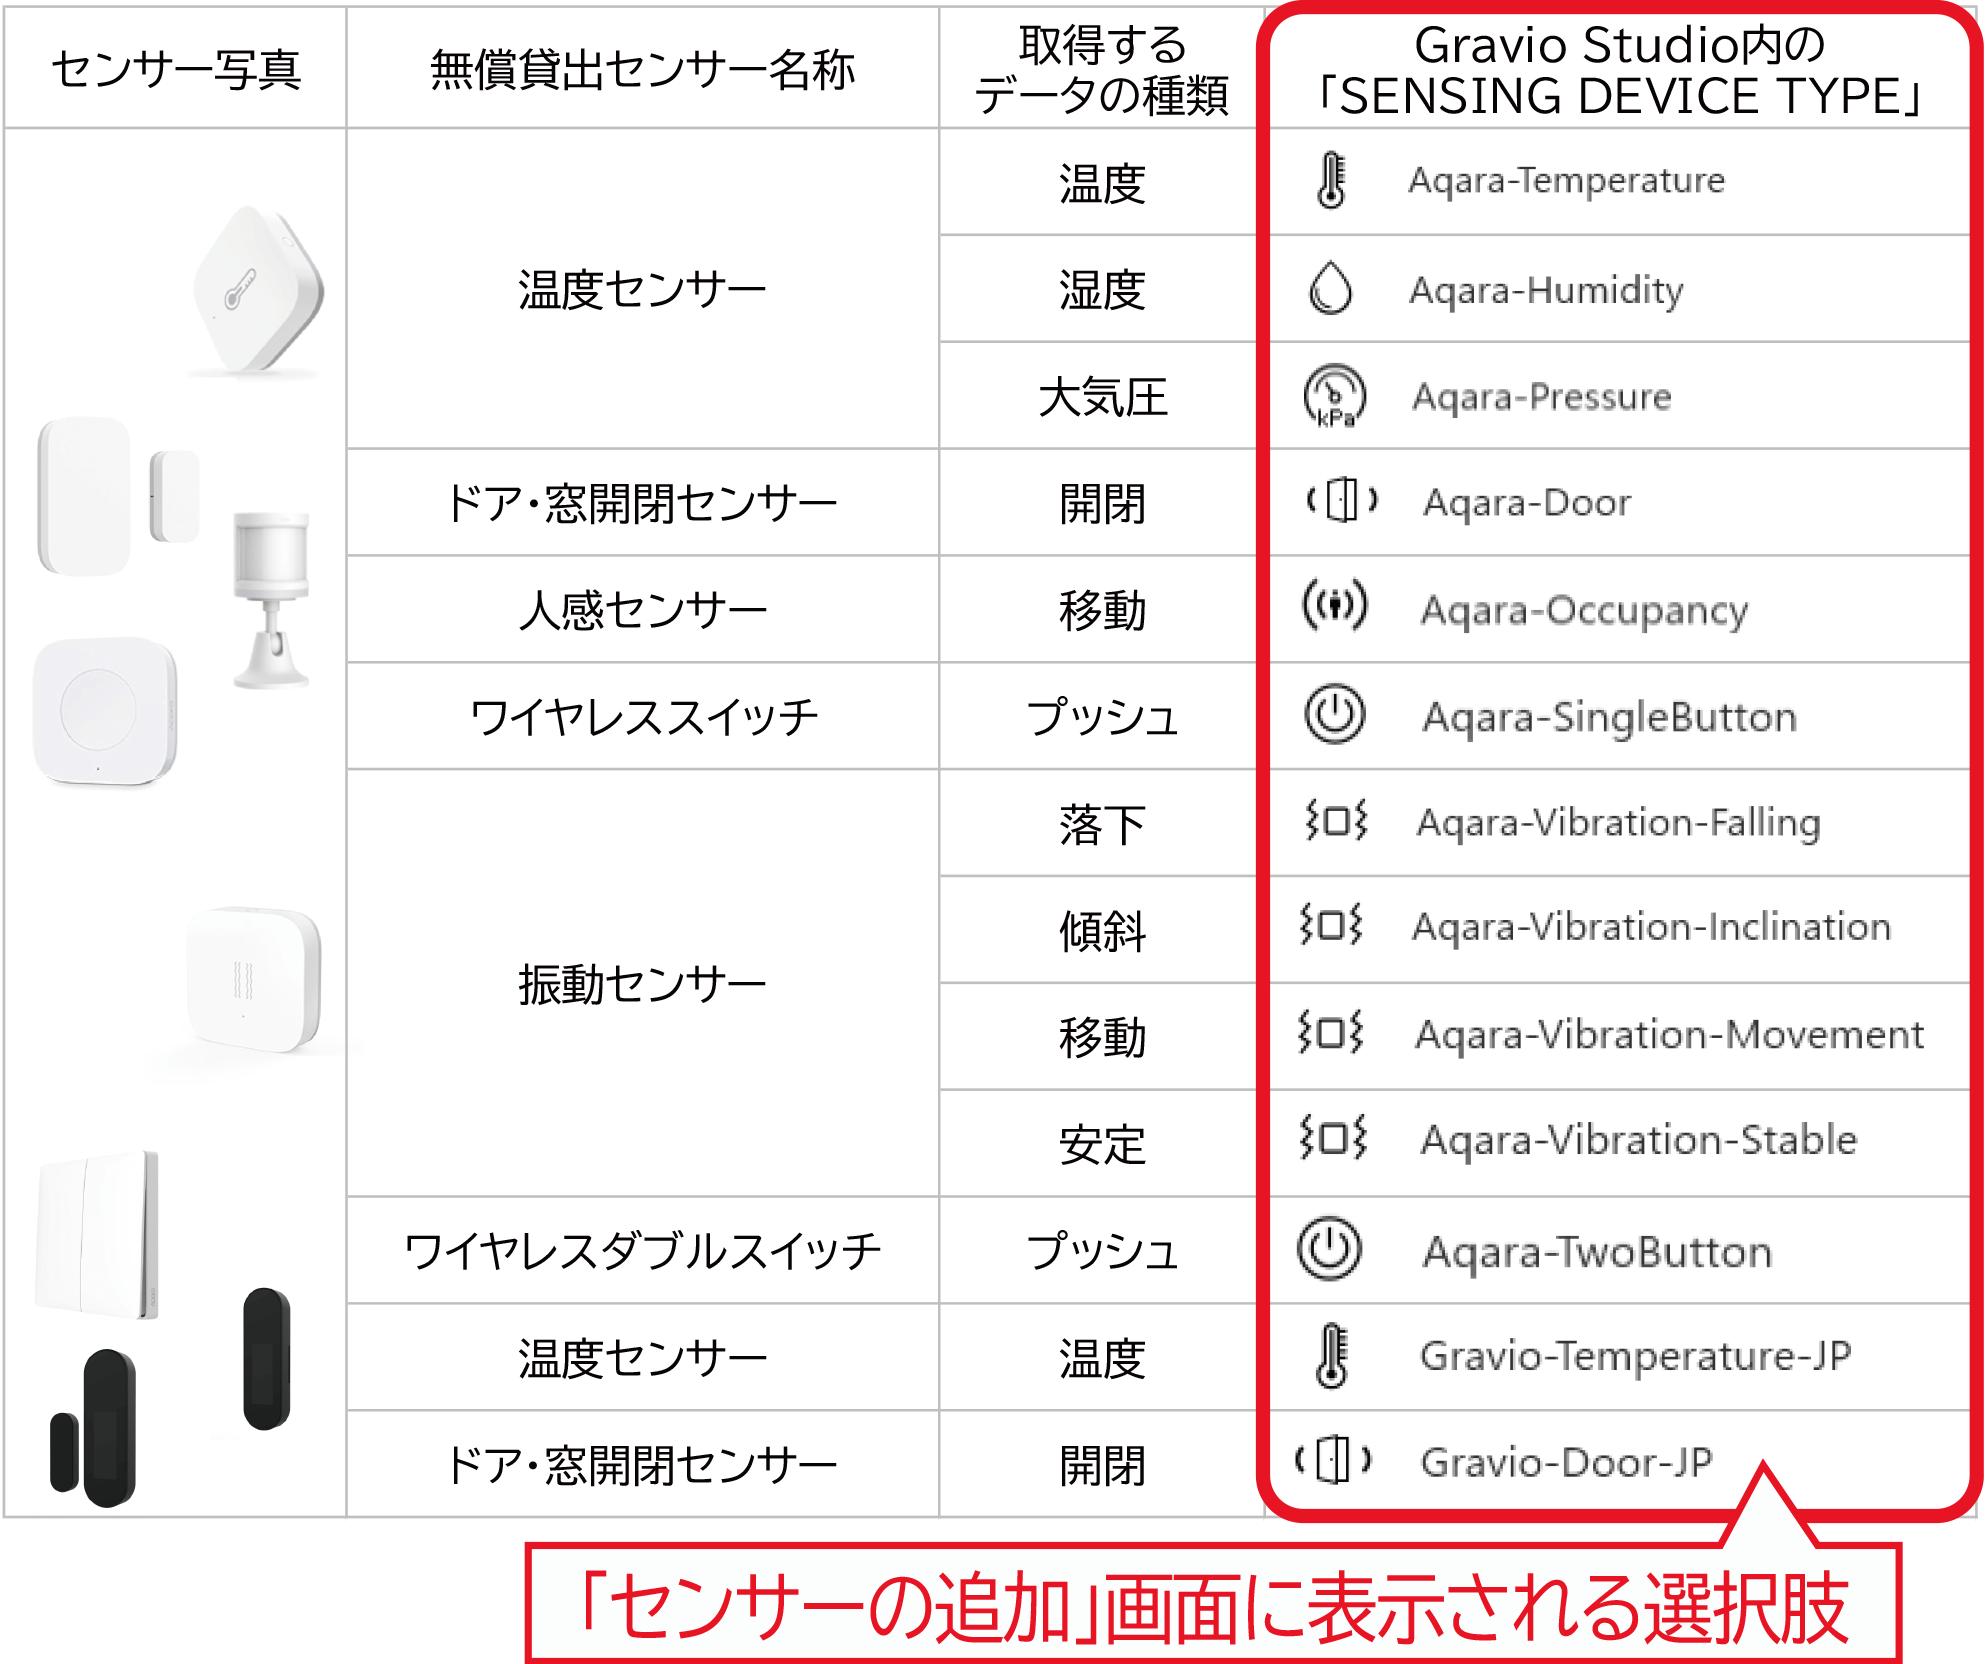 センサーの選択肢